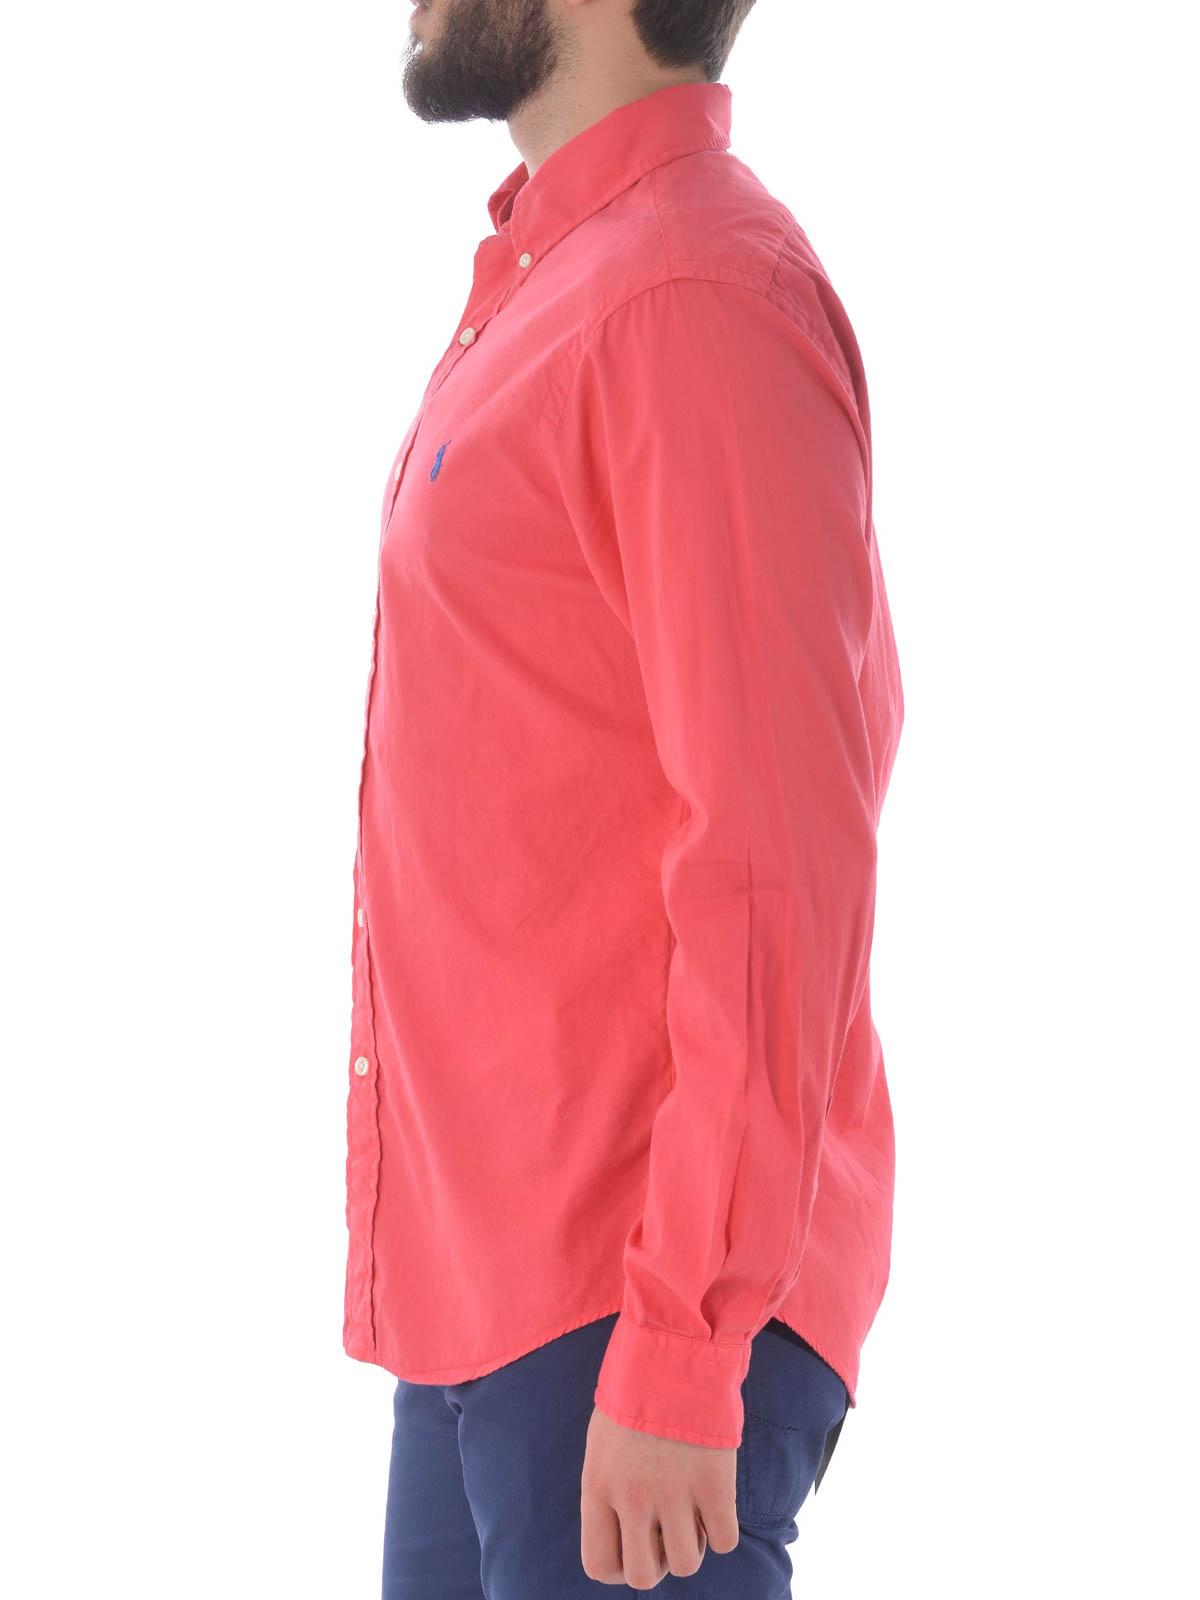 huge selection of 1b66e 57eba Polo Ralph Lauren - Hemd - Slim Fit - Hemden - 741788008 ...